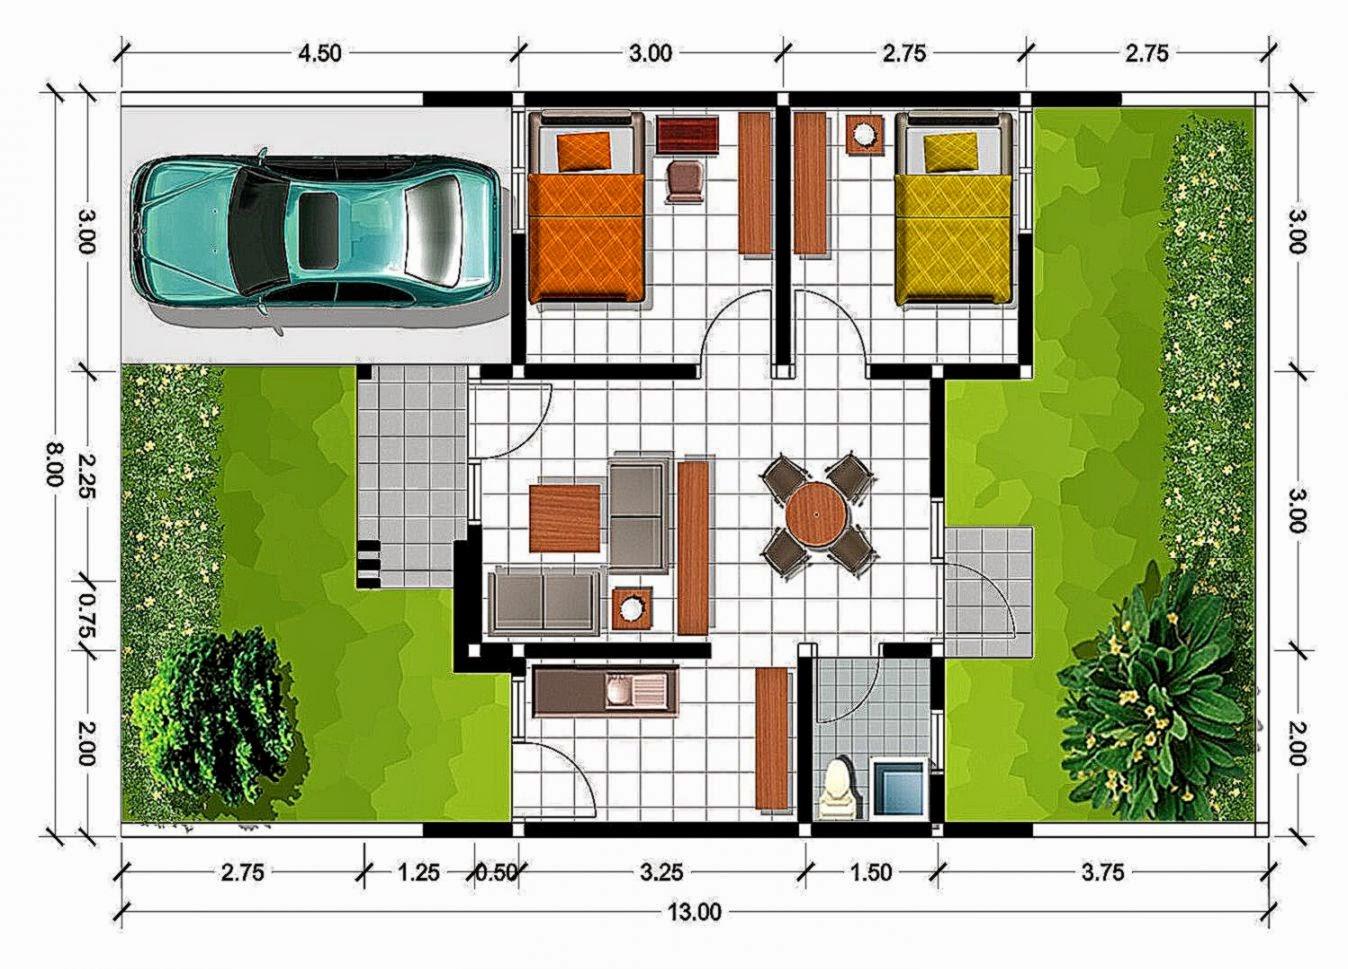 Cara Membuat Denah Rumah Yang Baik Dan Benar   Gambar Desain Rumah